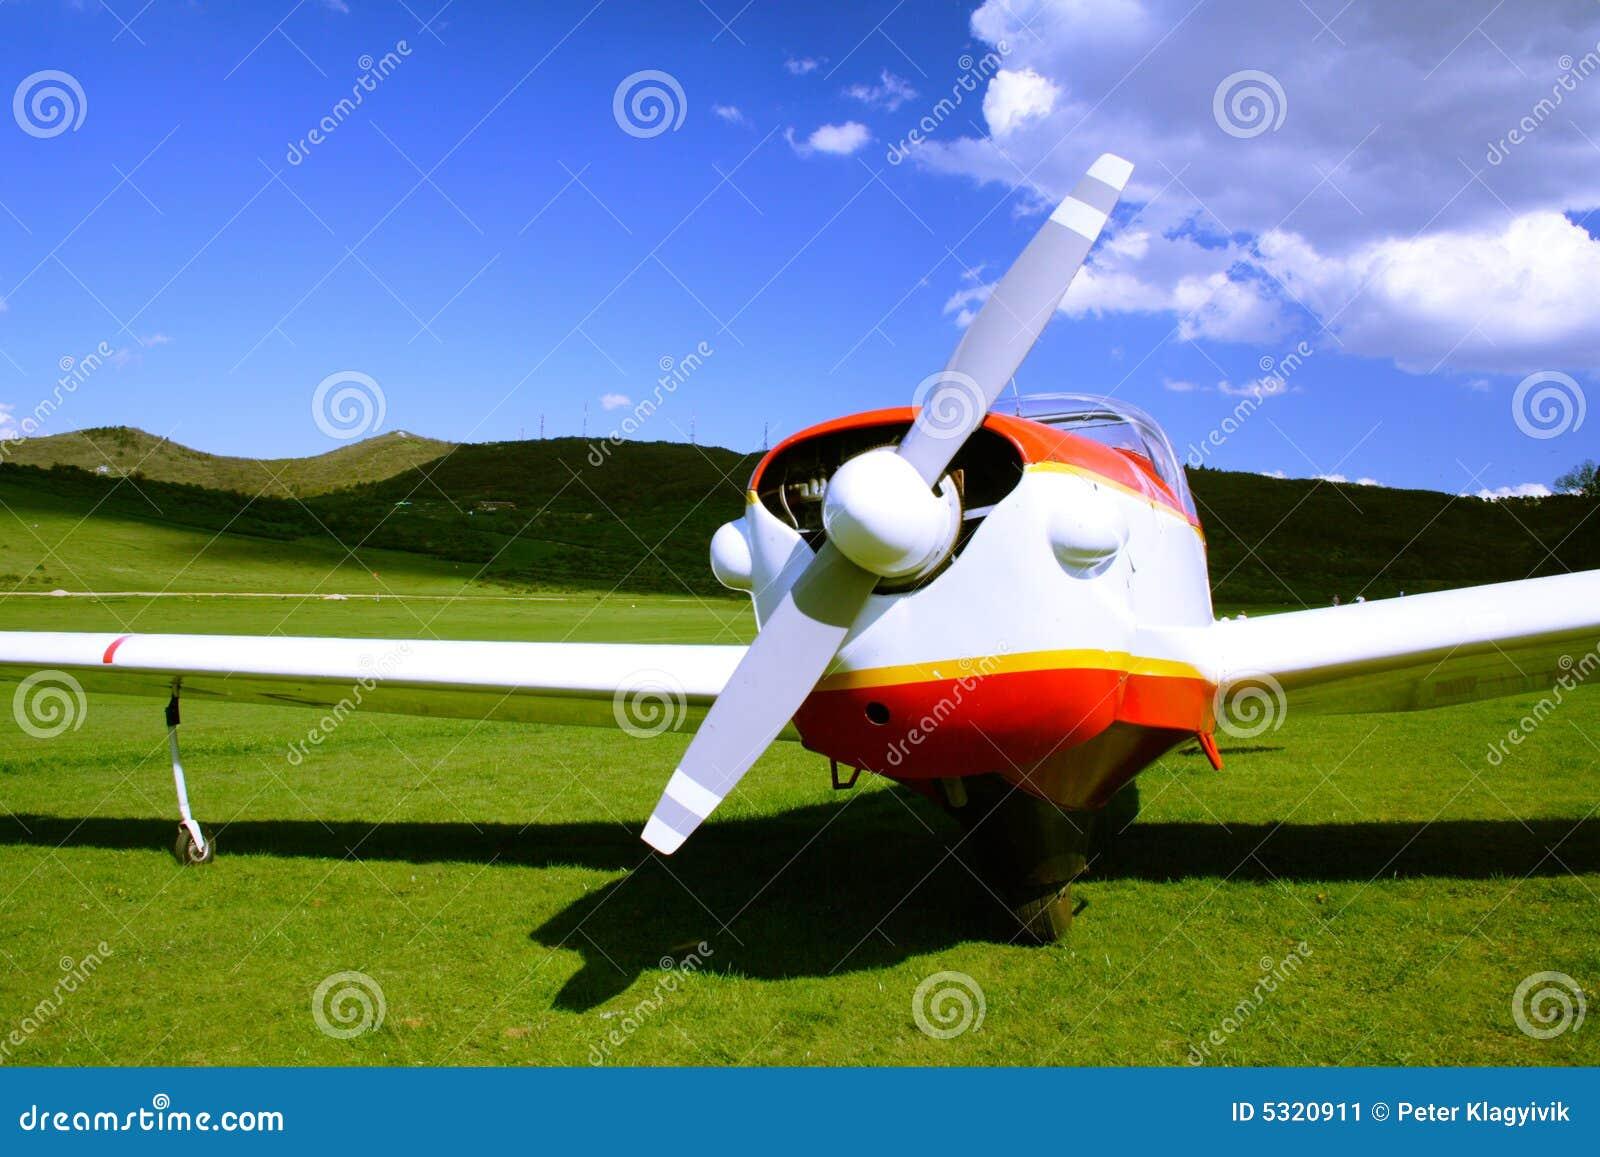 Download Aeroplano immagine stock. Immagine di orizzontale, lusso - 5320911